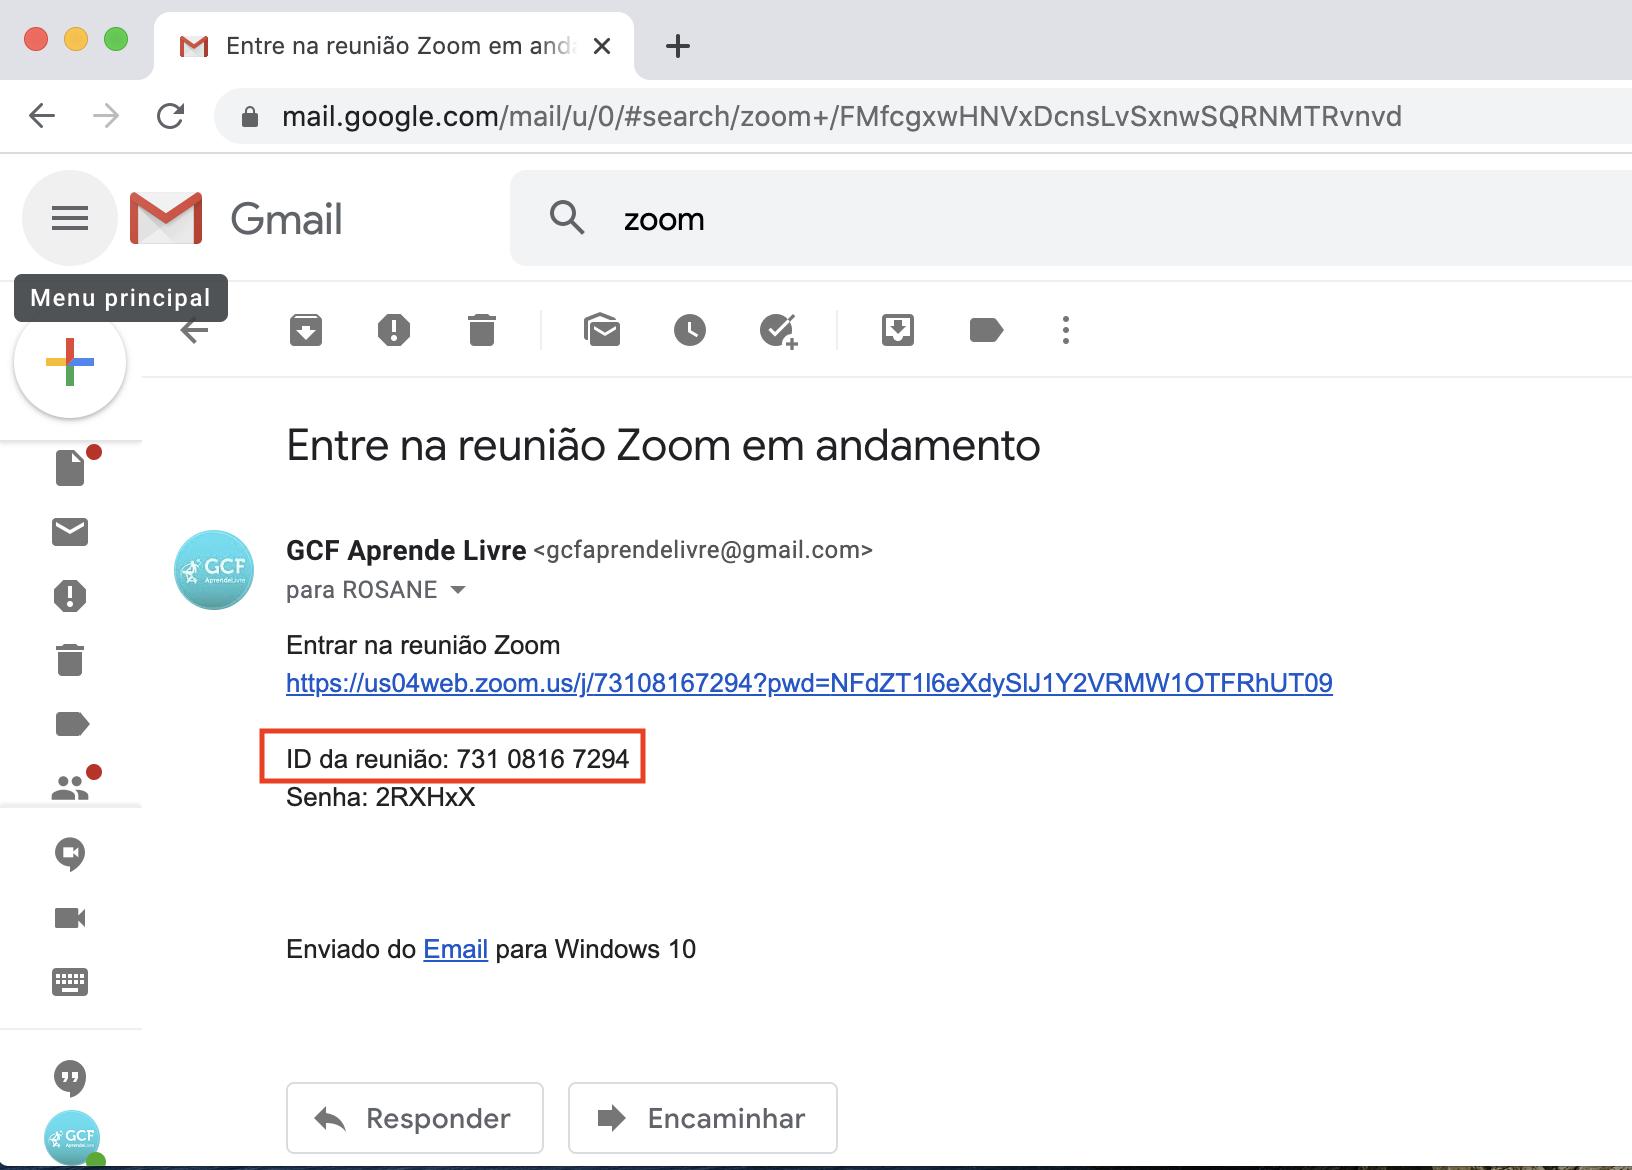 Imagem mostra onde encontrar o ID de uma reunião do Zoom